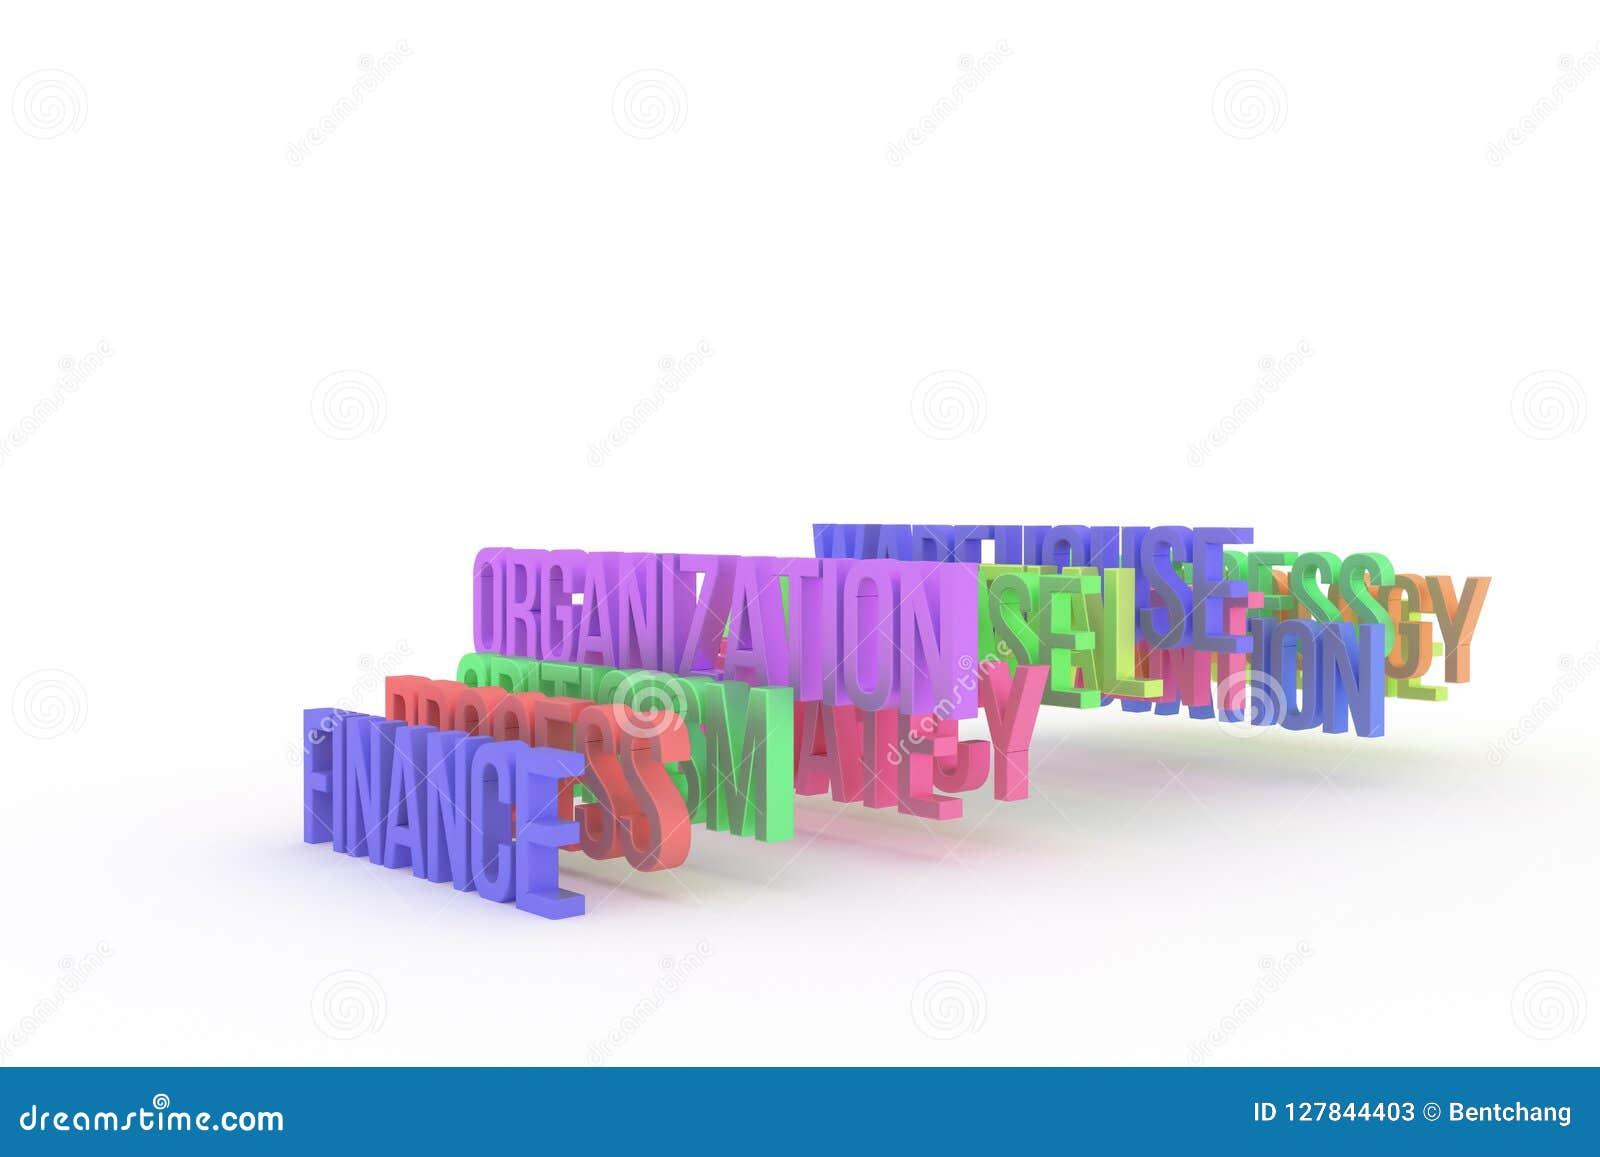 Organisation u. Finanzierung, bunte begrifflichwörter 3D des Geschäfts Hintergrund, Kommunikation, Netz u. Kreativität